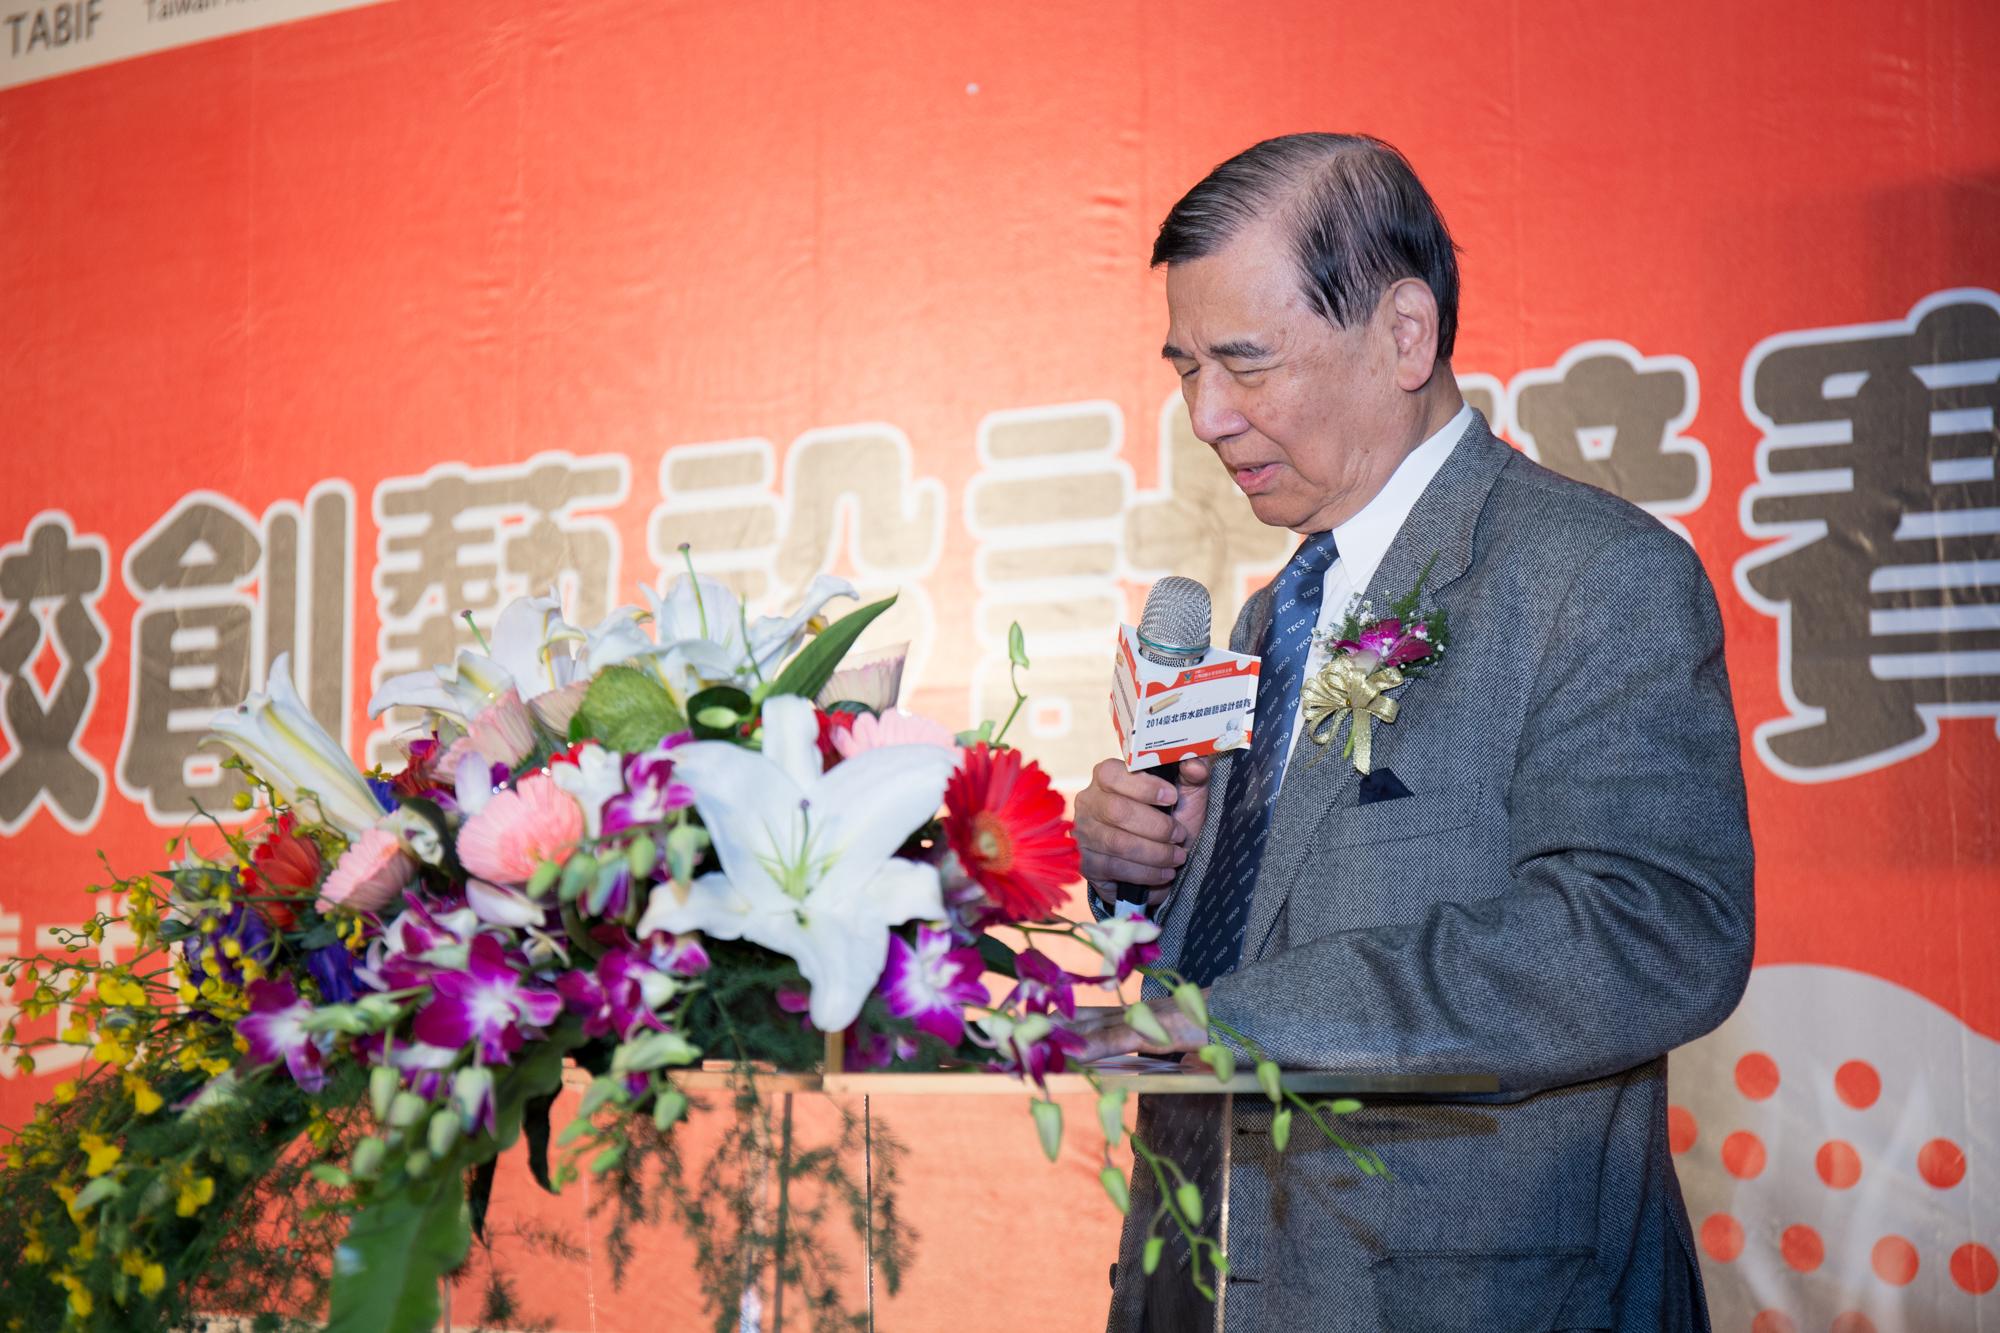 臺北市水餃創意設計競賽,台中婚錄推薦13